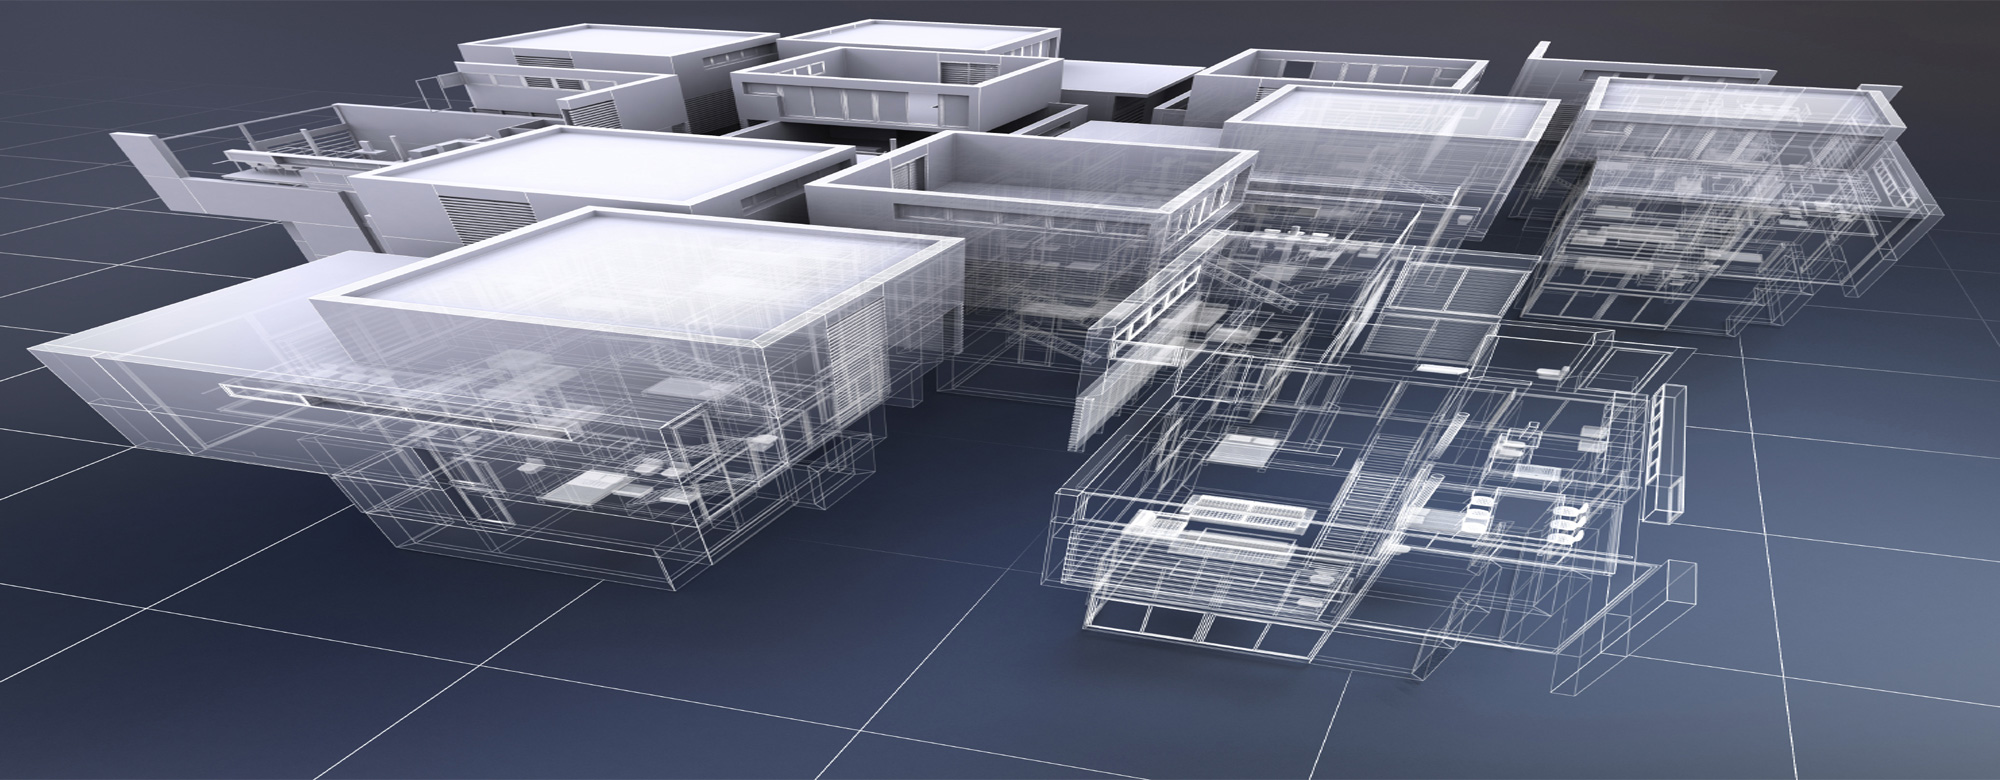 Imprese e rigenerazione urbana: la possibilità di un nuovo driver di sviluppo